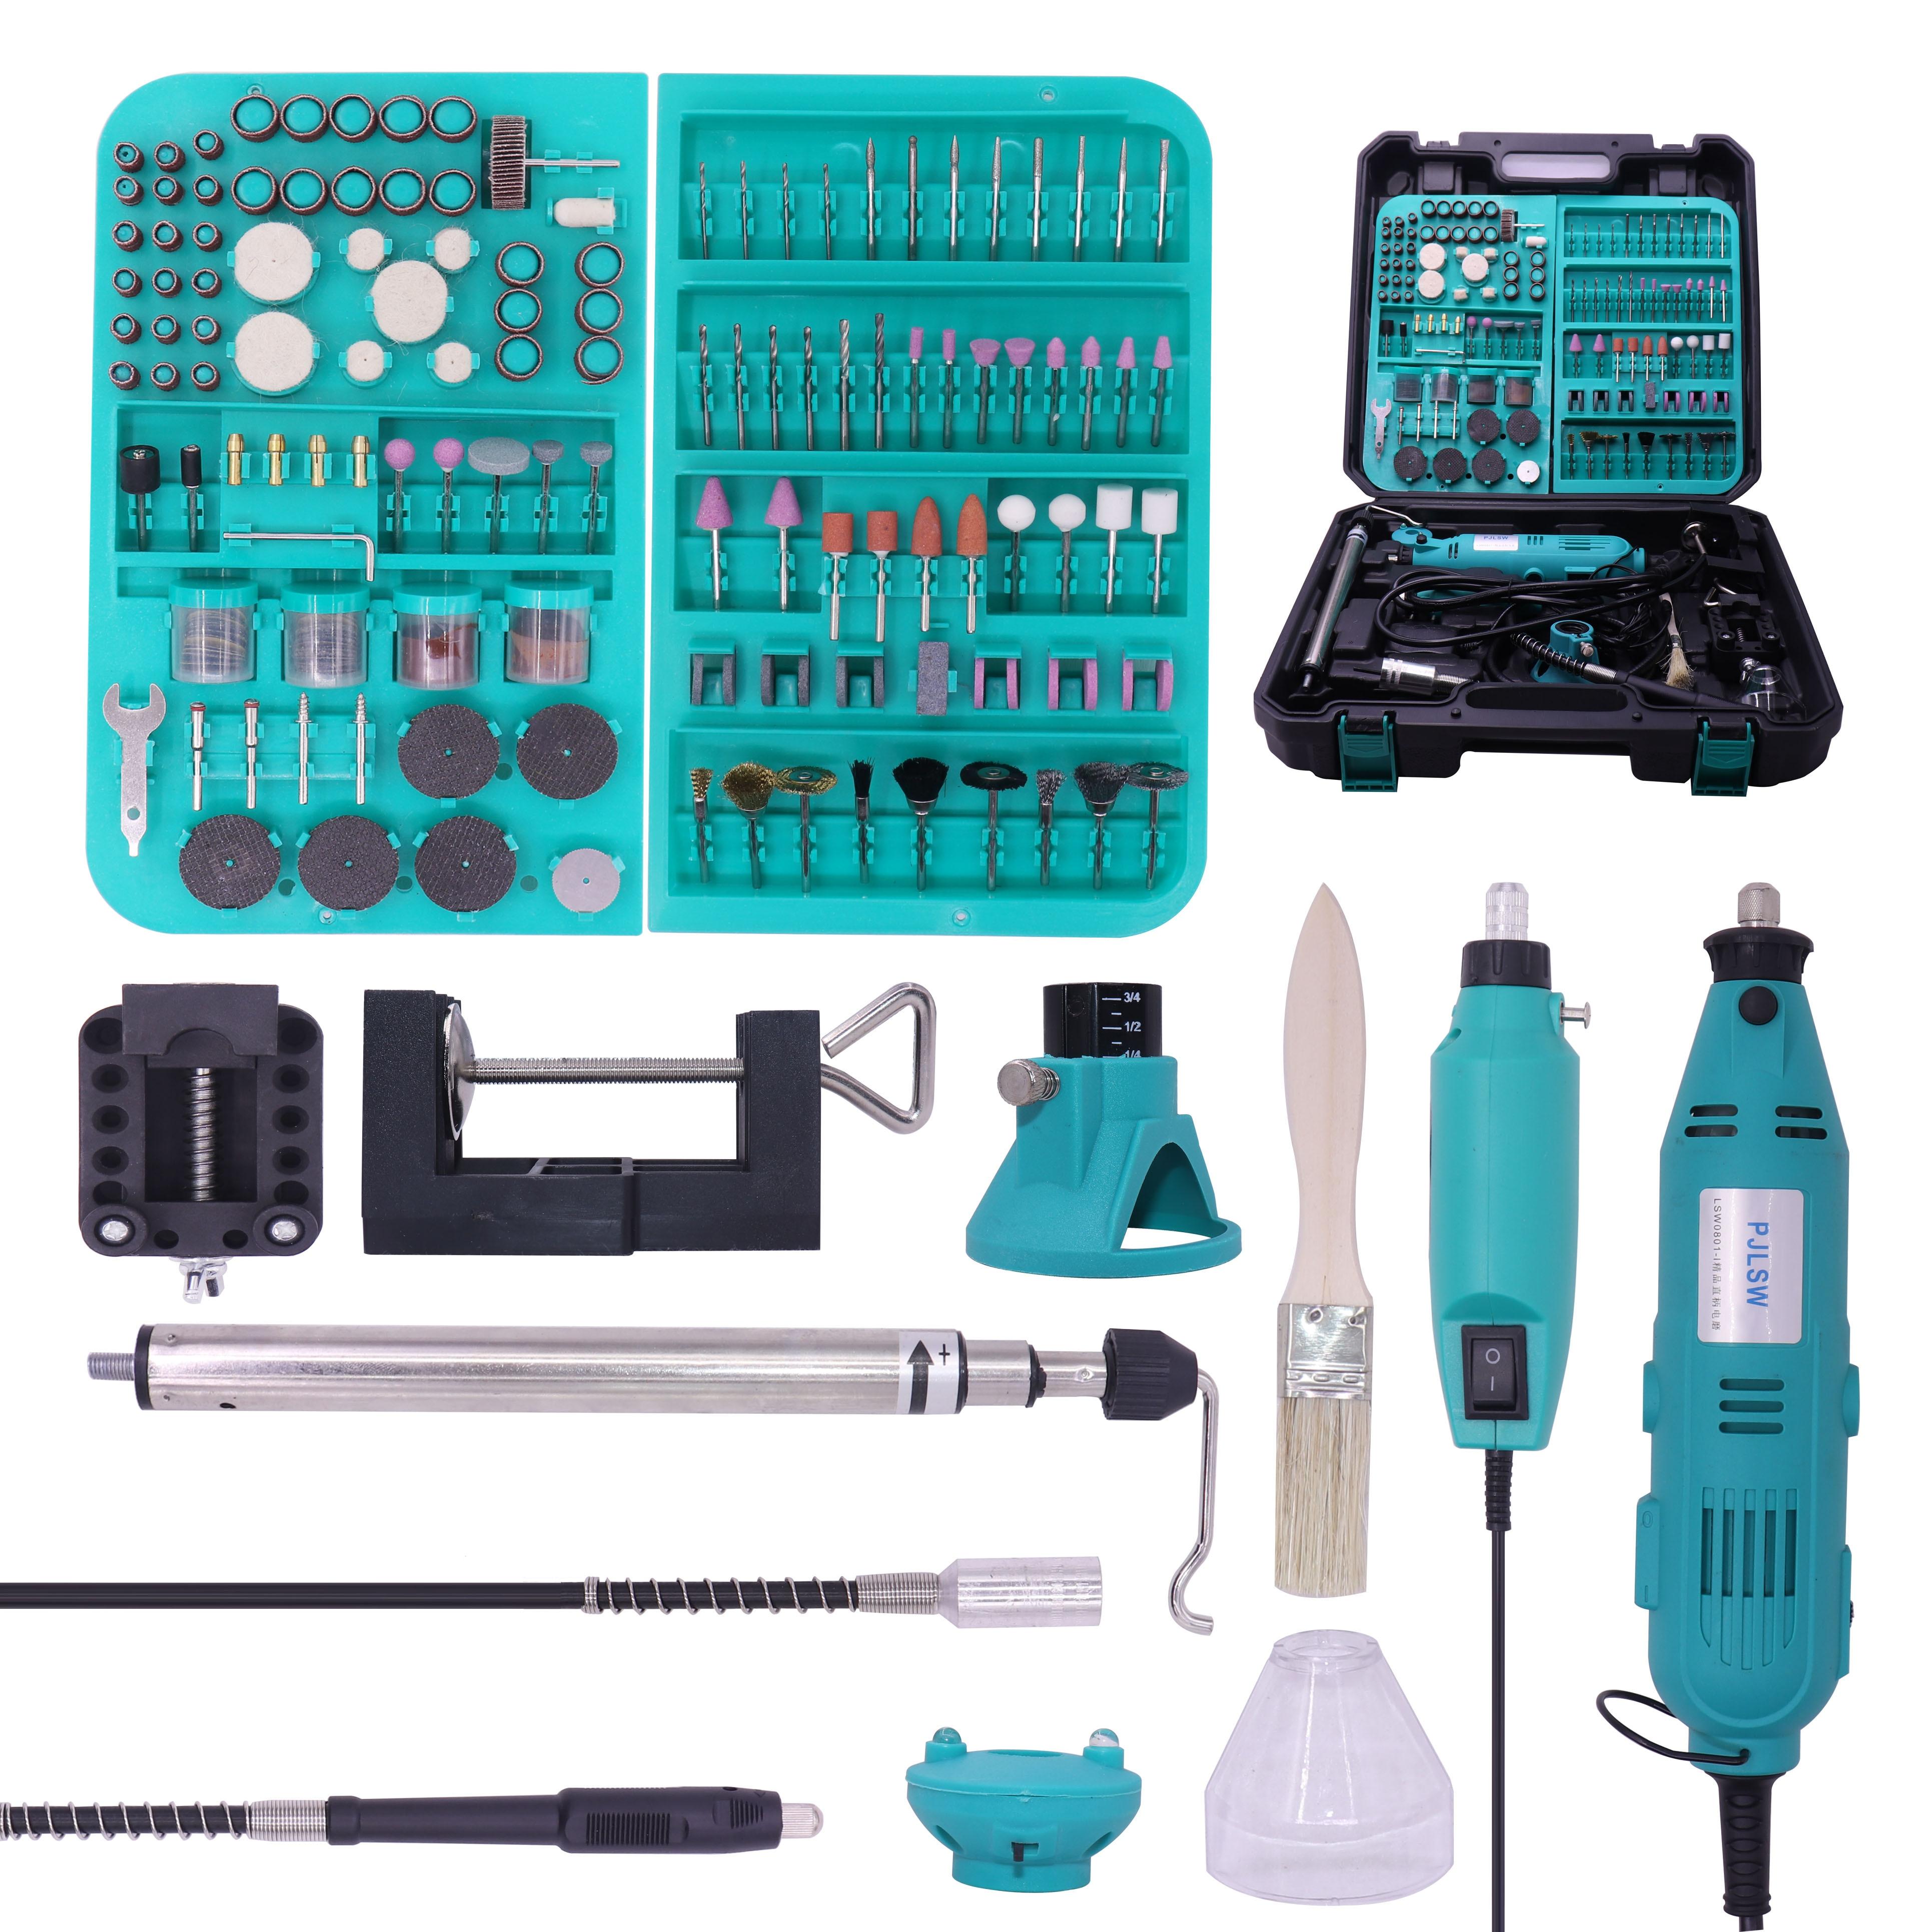 PJLSW 180 ワット 350-I キットコンビネーションツール電動グラインダースーツ小さなヒスイ彫刻機研磨機研削マチン